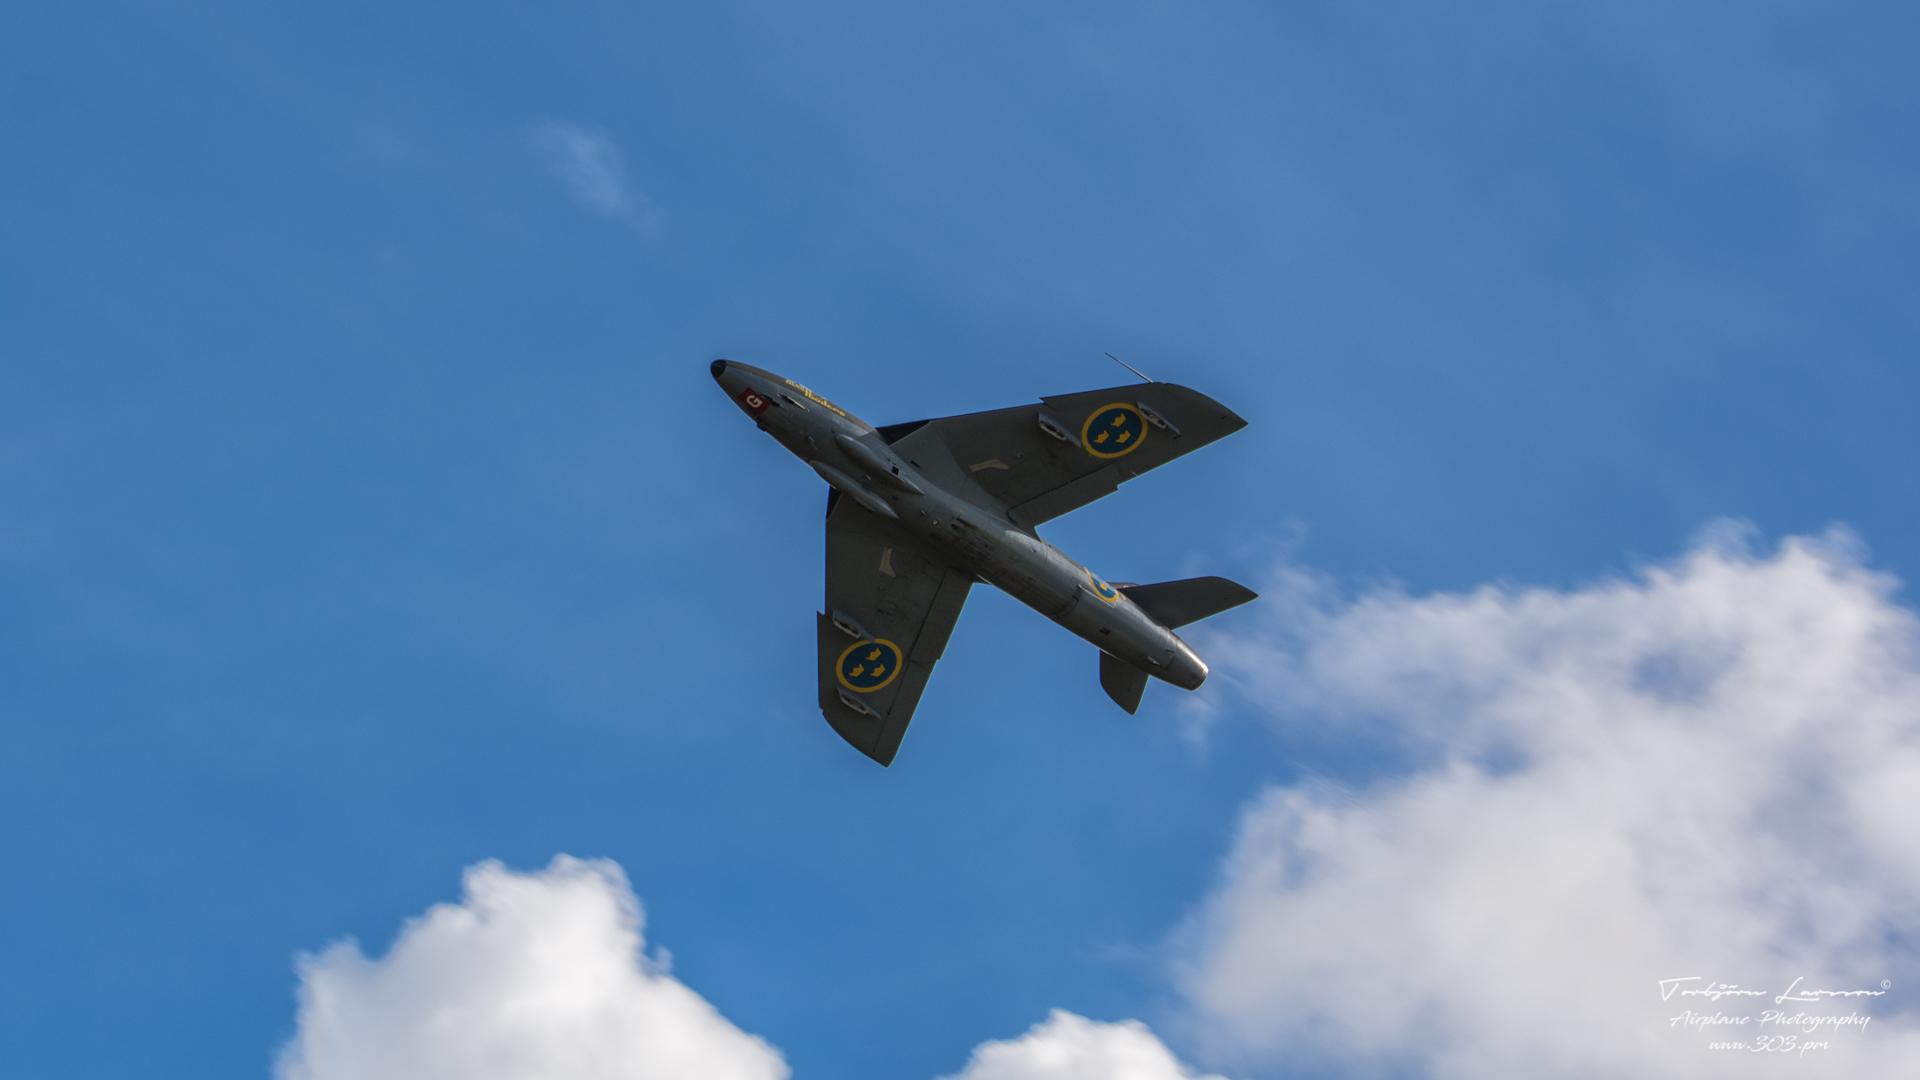 TBE_1653-J-34 Hawker Hunter